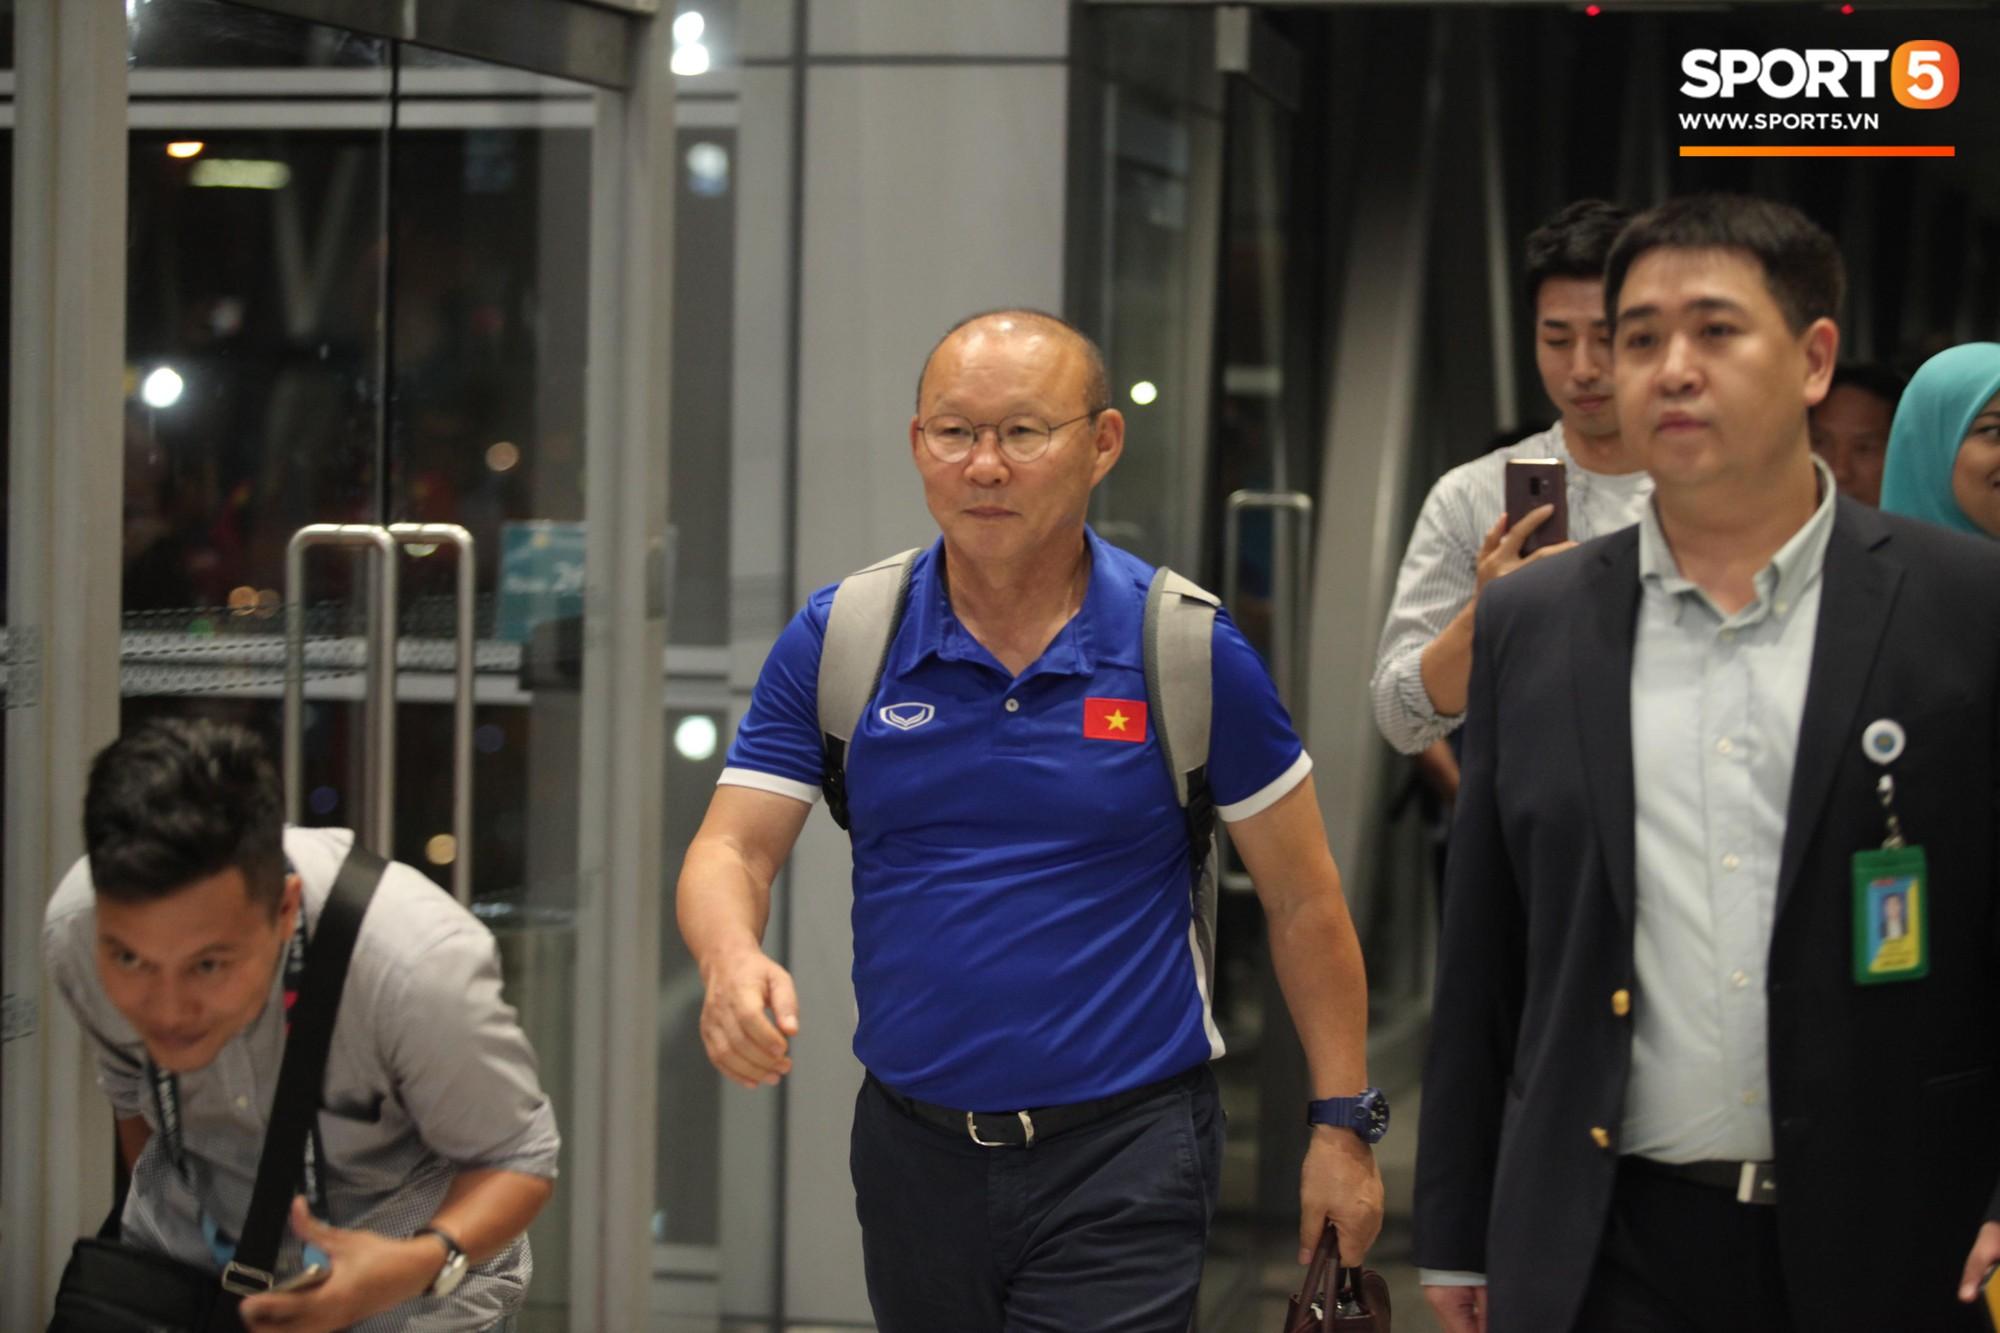 HLV Park Hang-seo nhường ghế thương gia cho học trò chấn thương trên chuyến bay tới Malaysia - Ảnh 3.